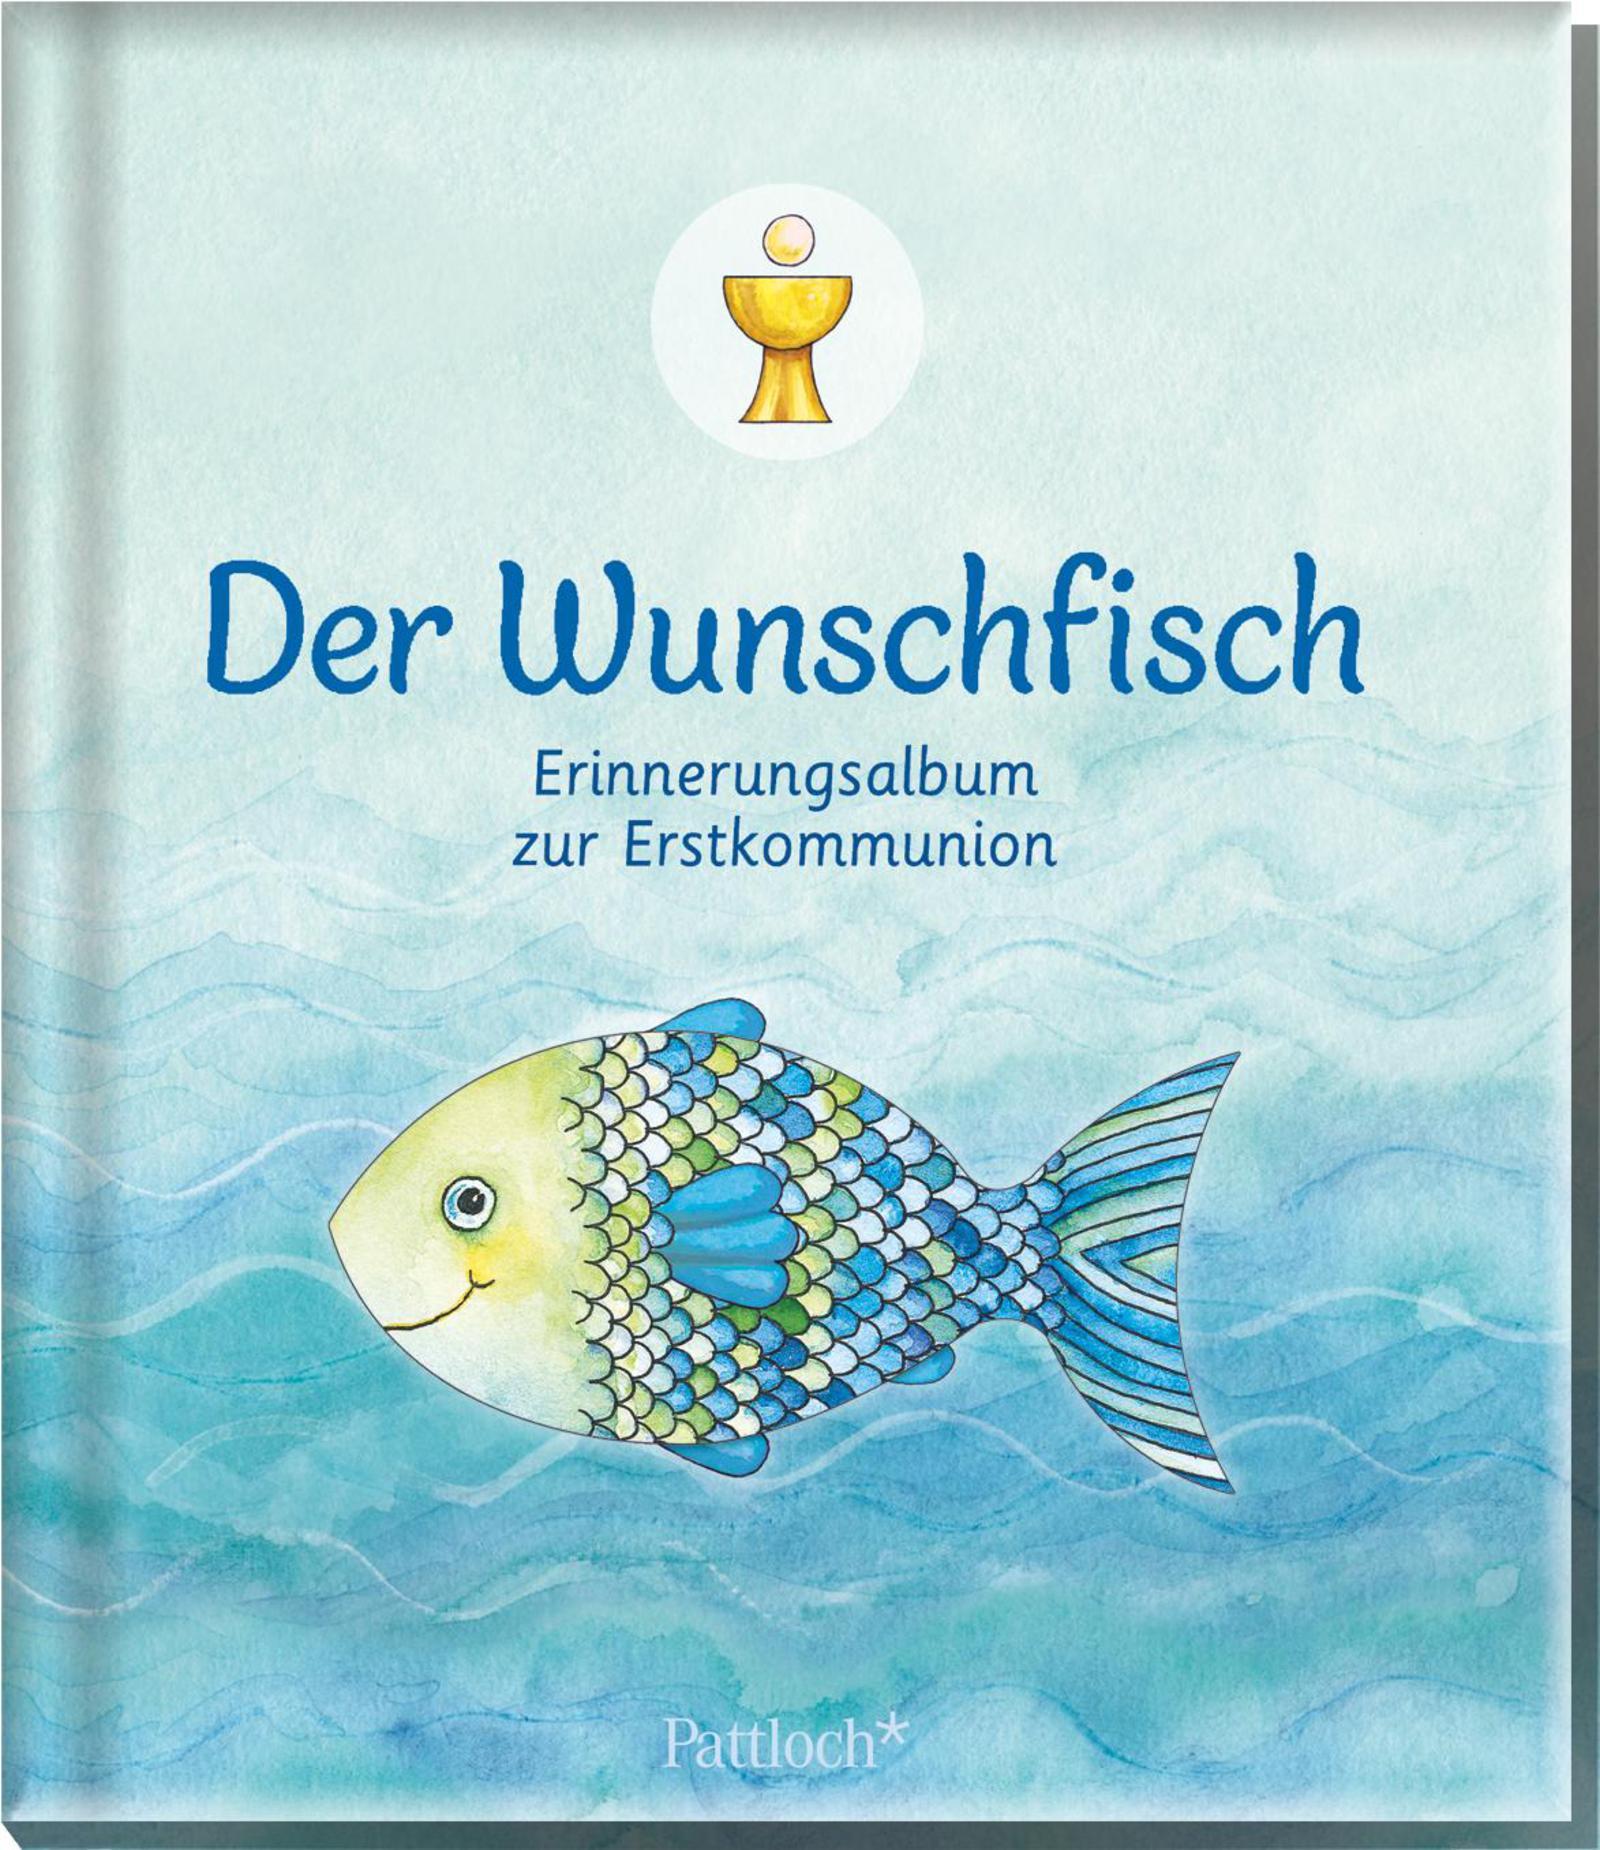 Der Wunschfisch - Erinnerungsalbum zur Erstkommunion